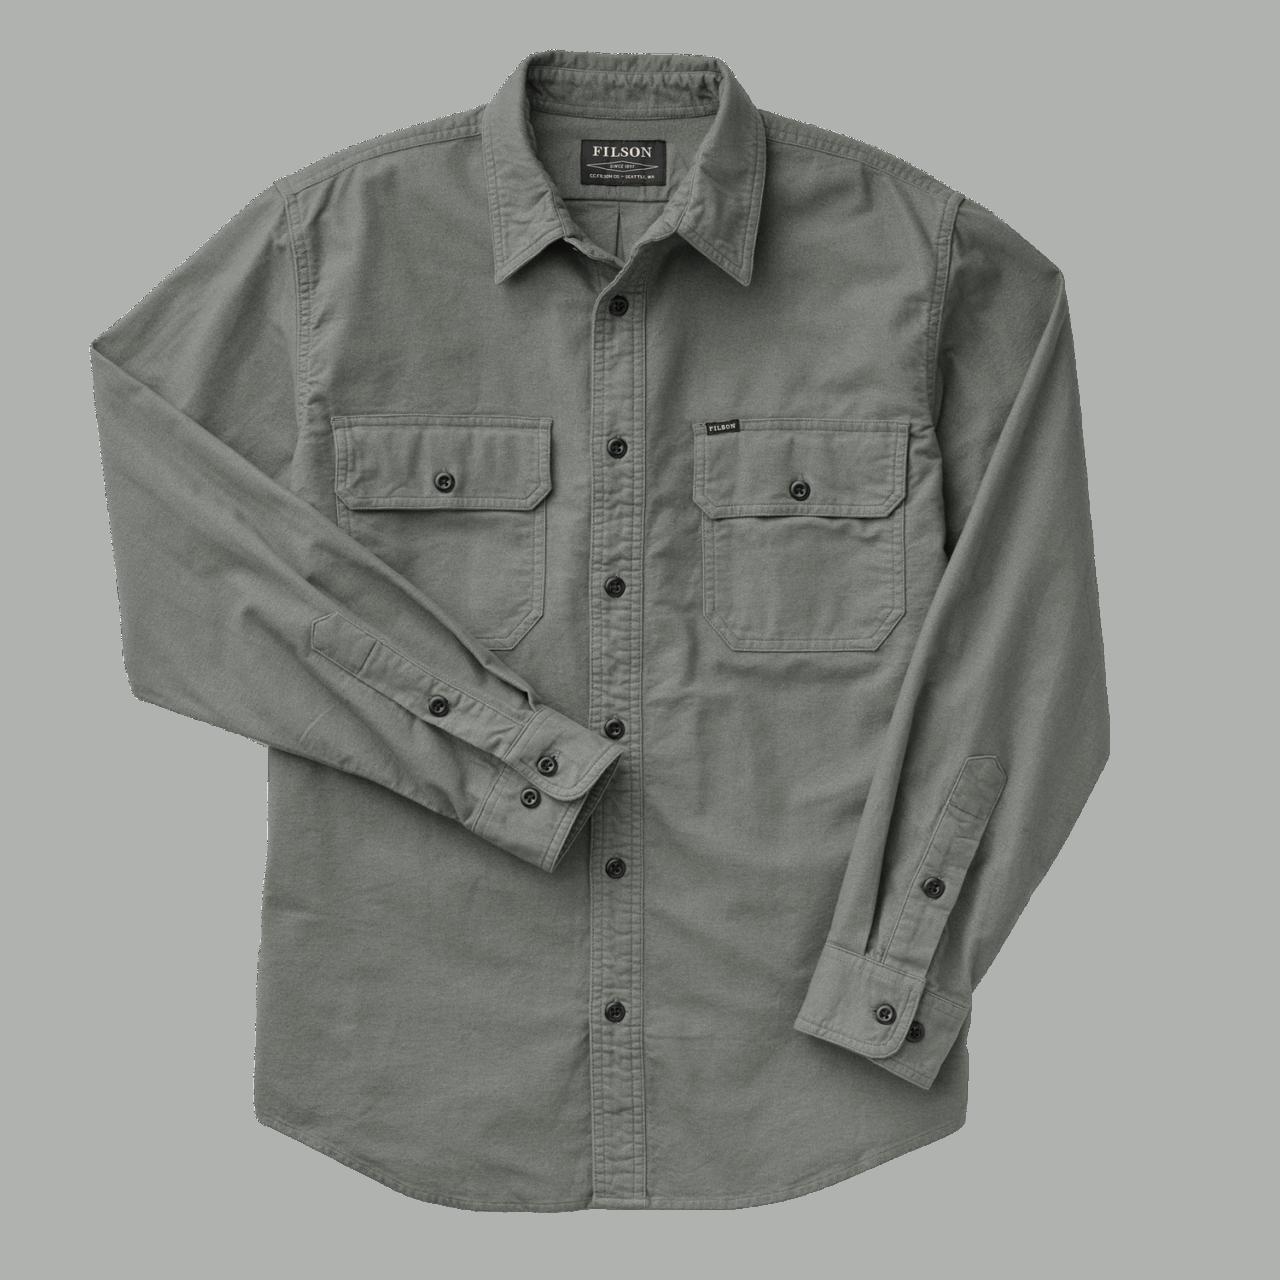 Filson Field Flannel Shirt - balsam green